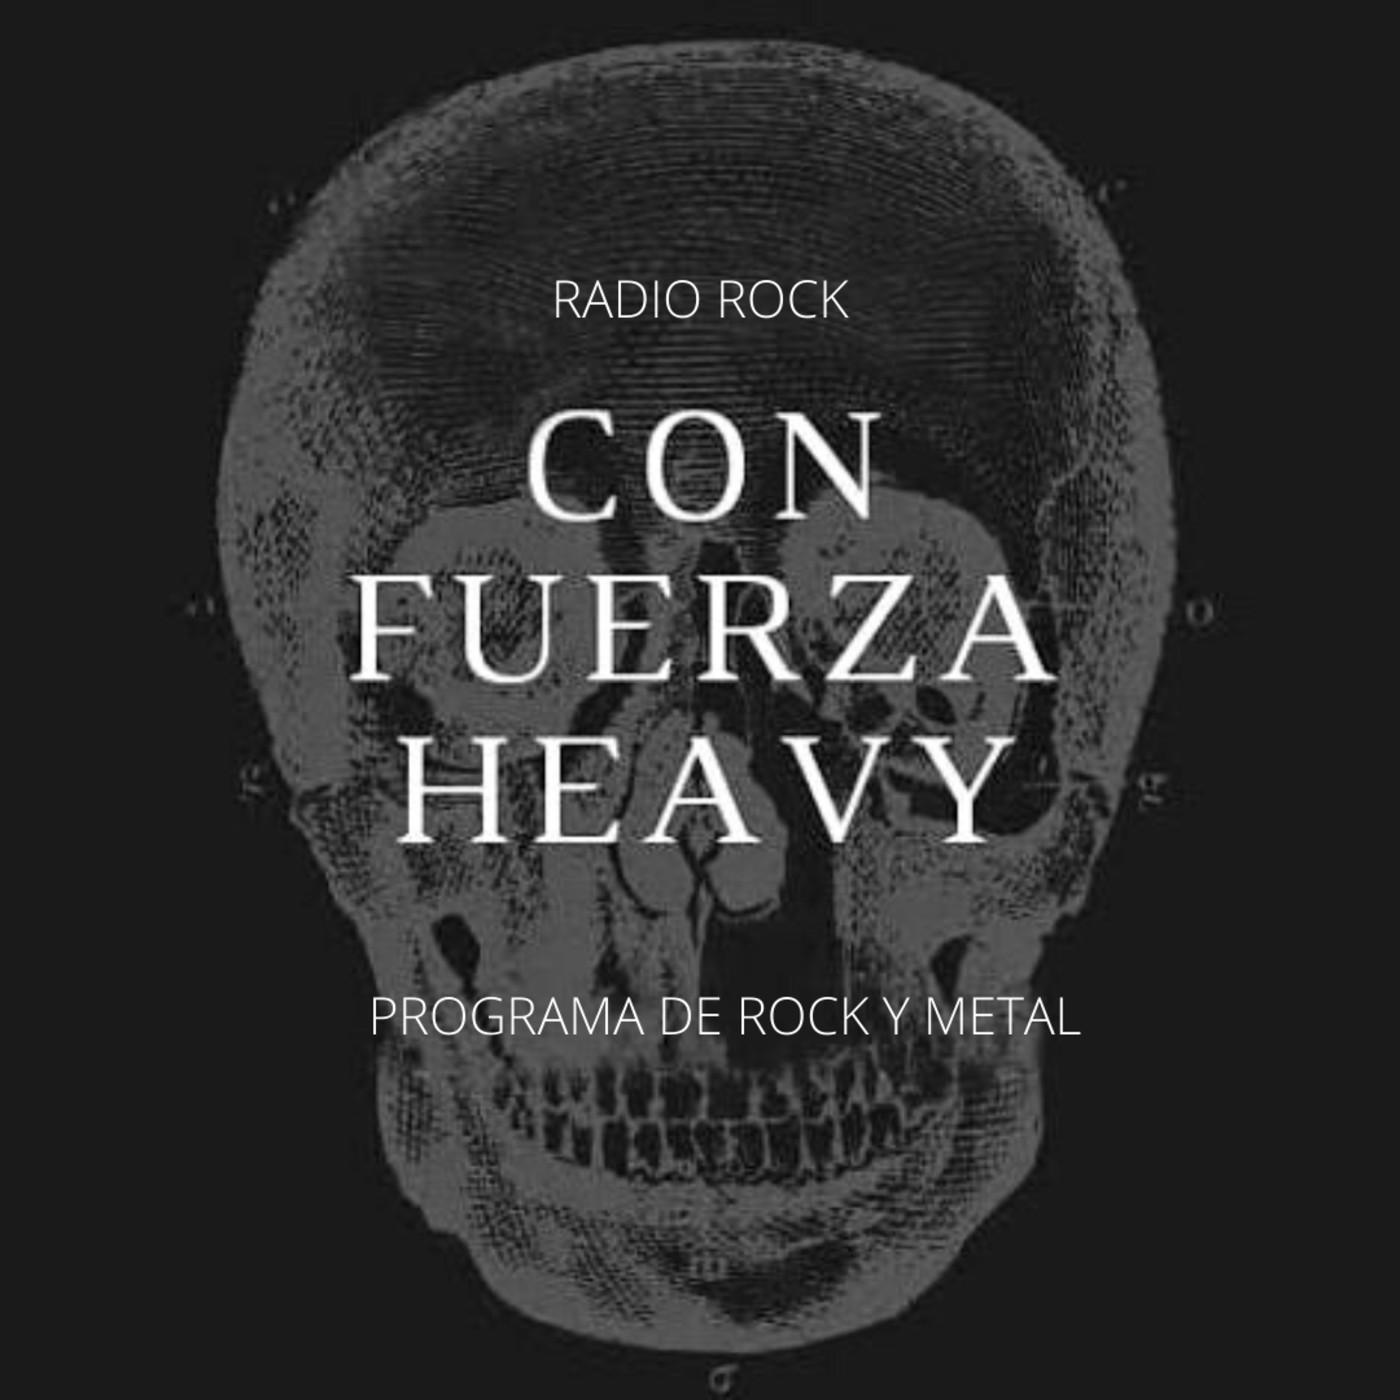 CON FUERZA HEAVY